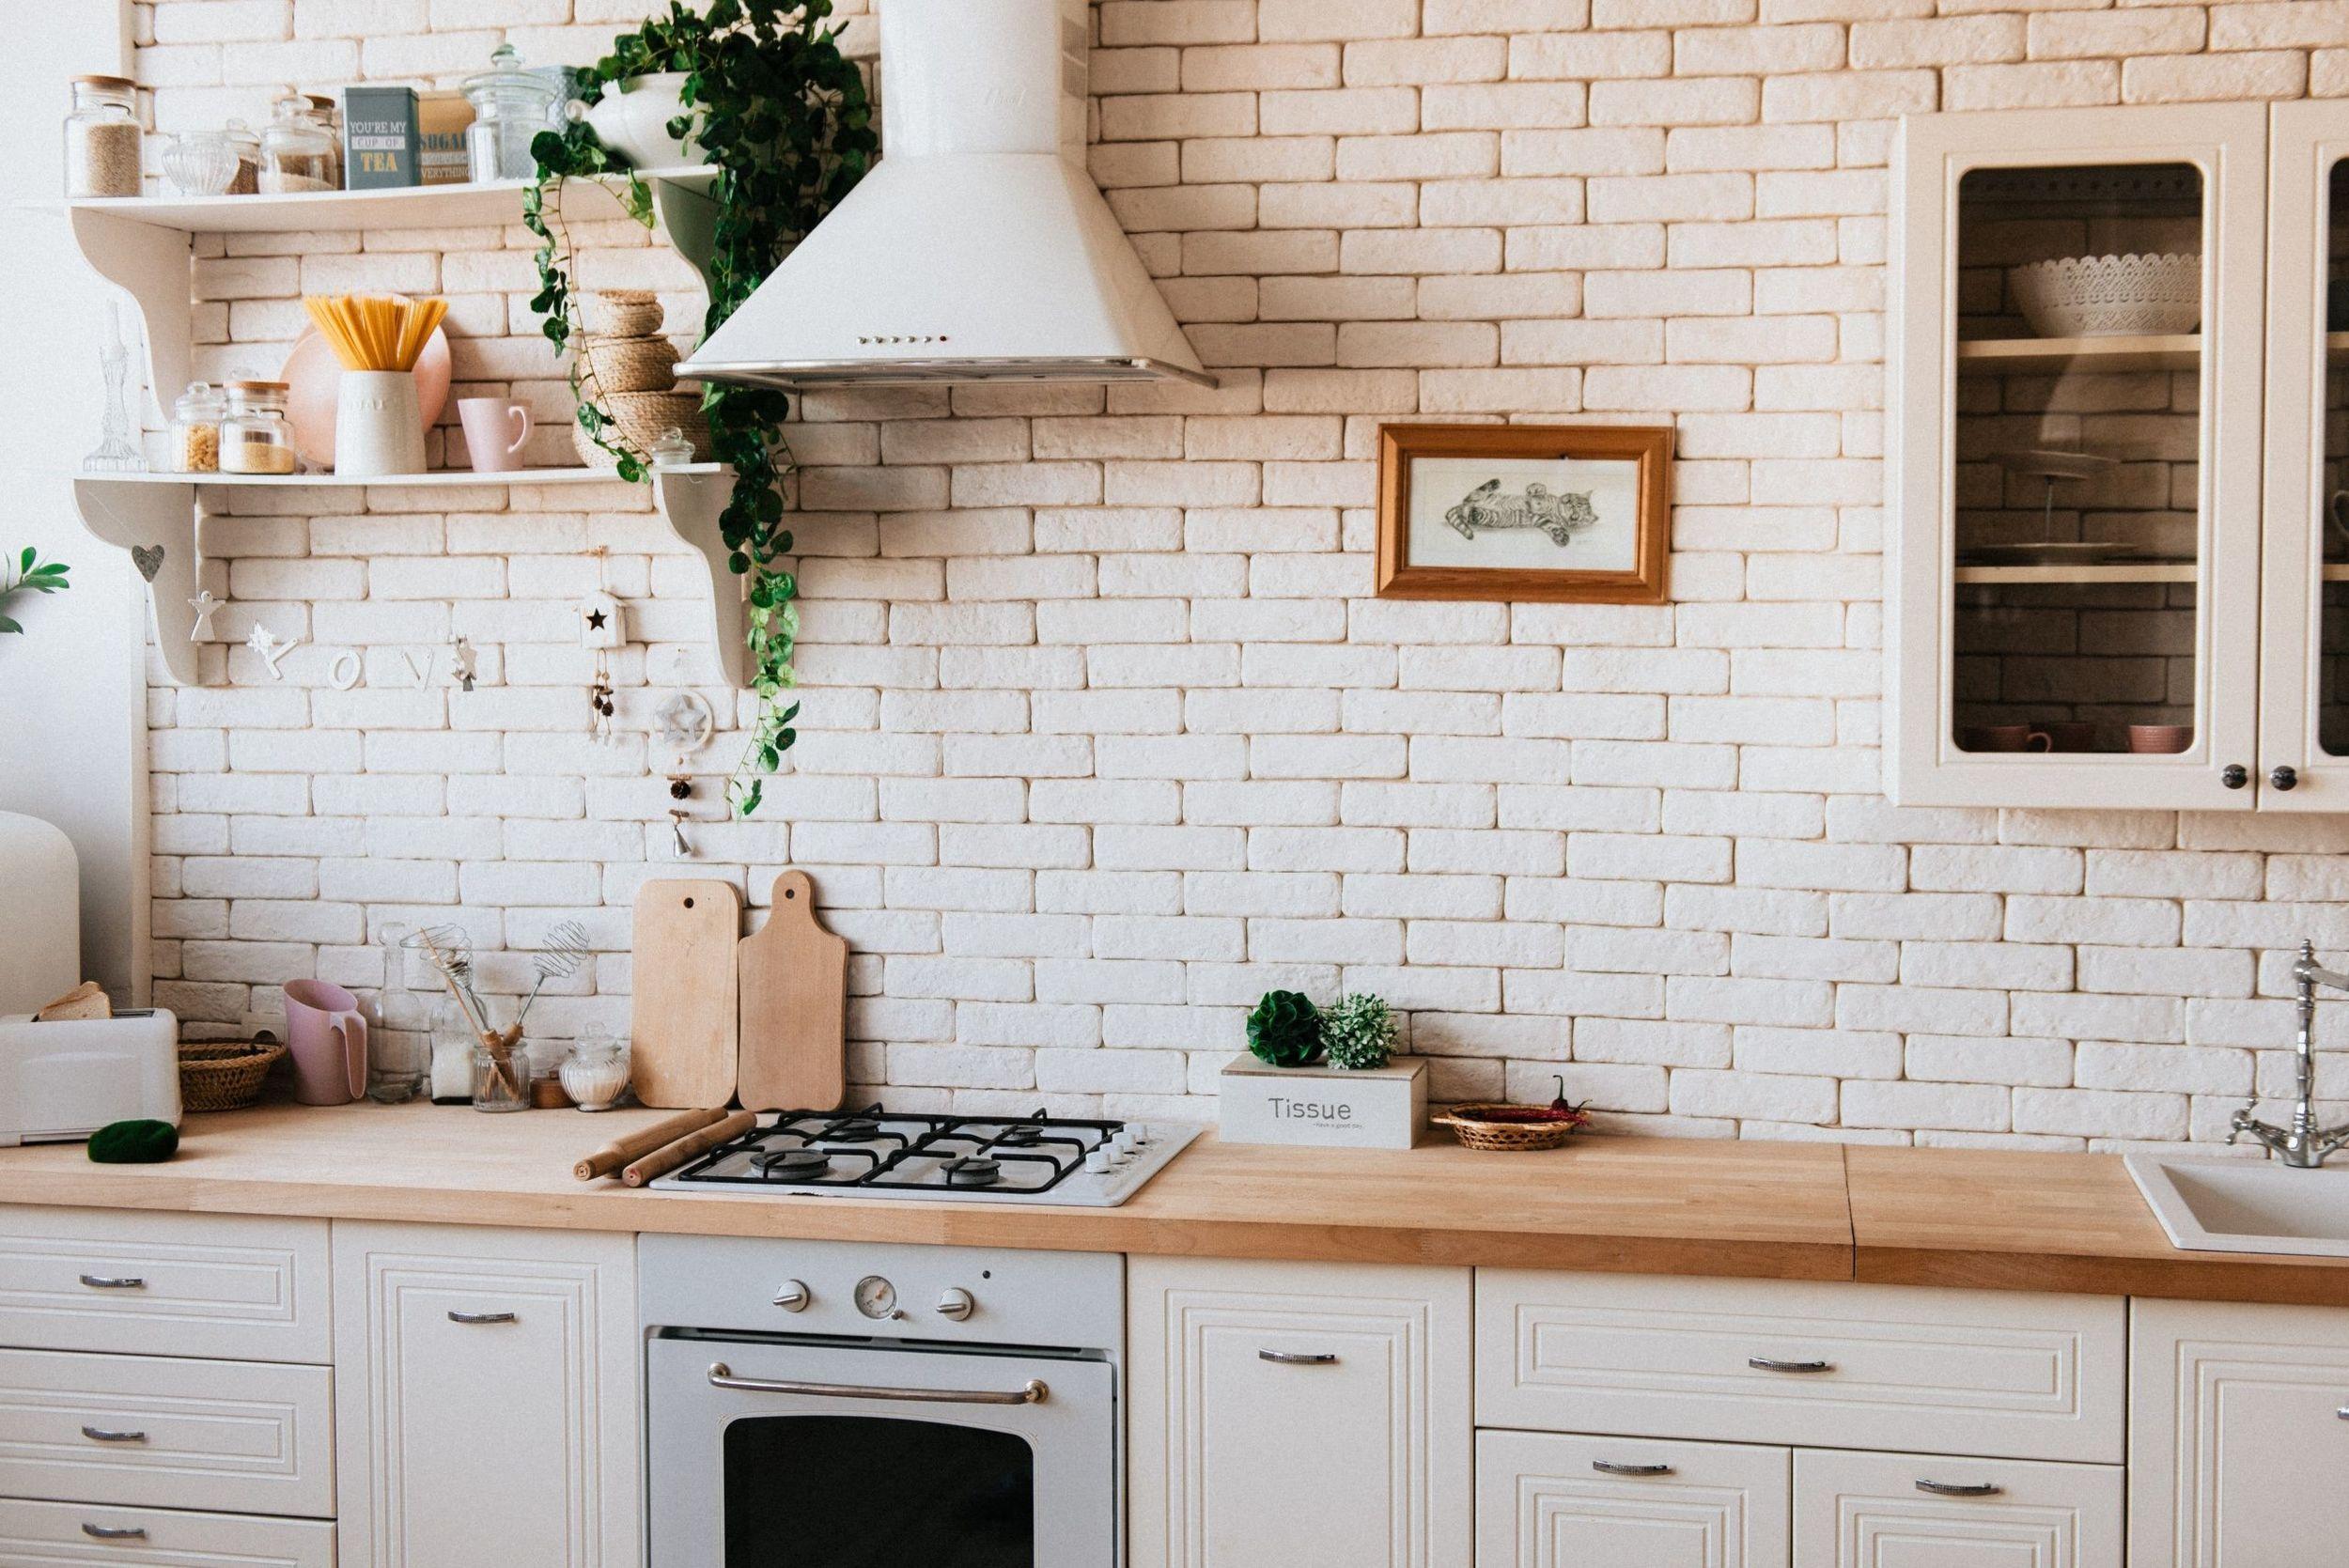 Na výkup - ceny nemovitostí rostou